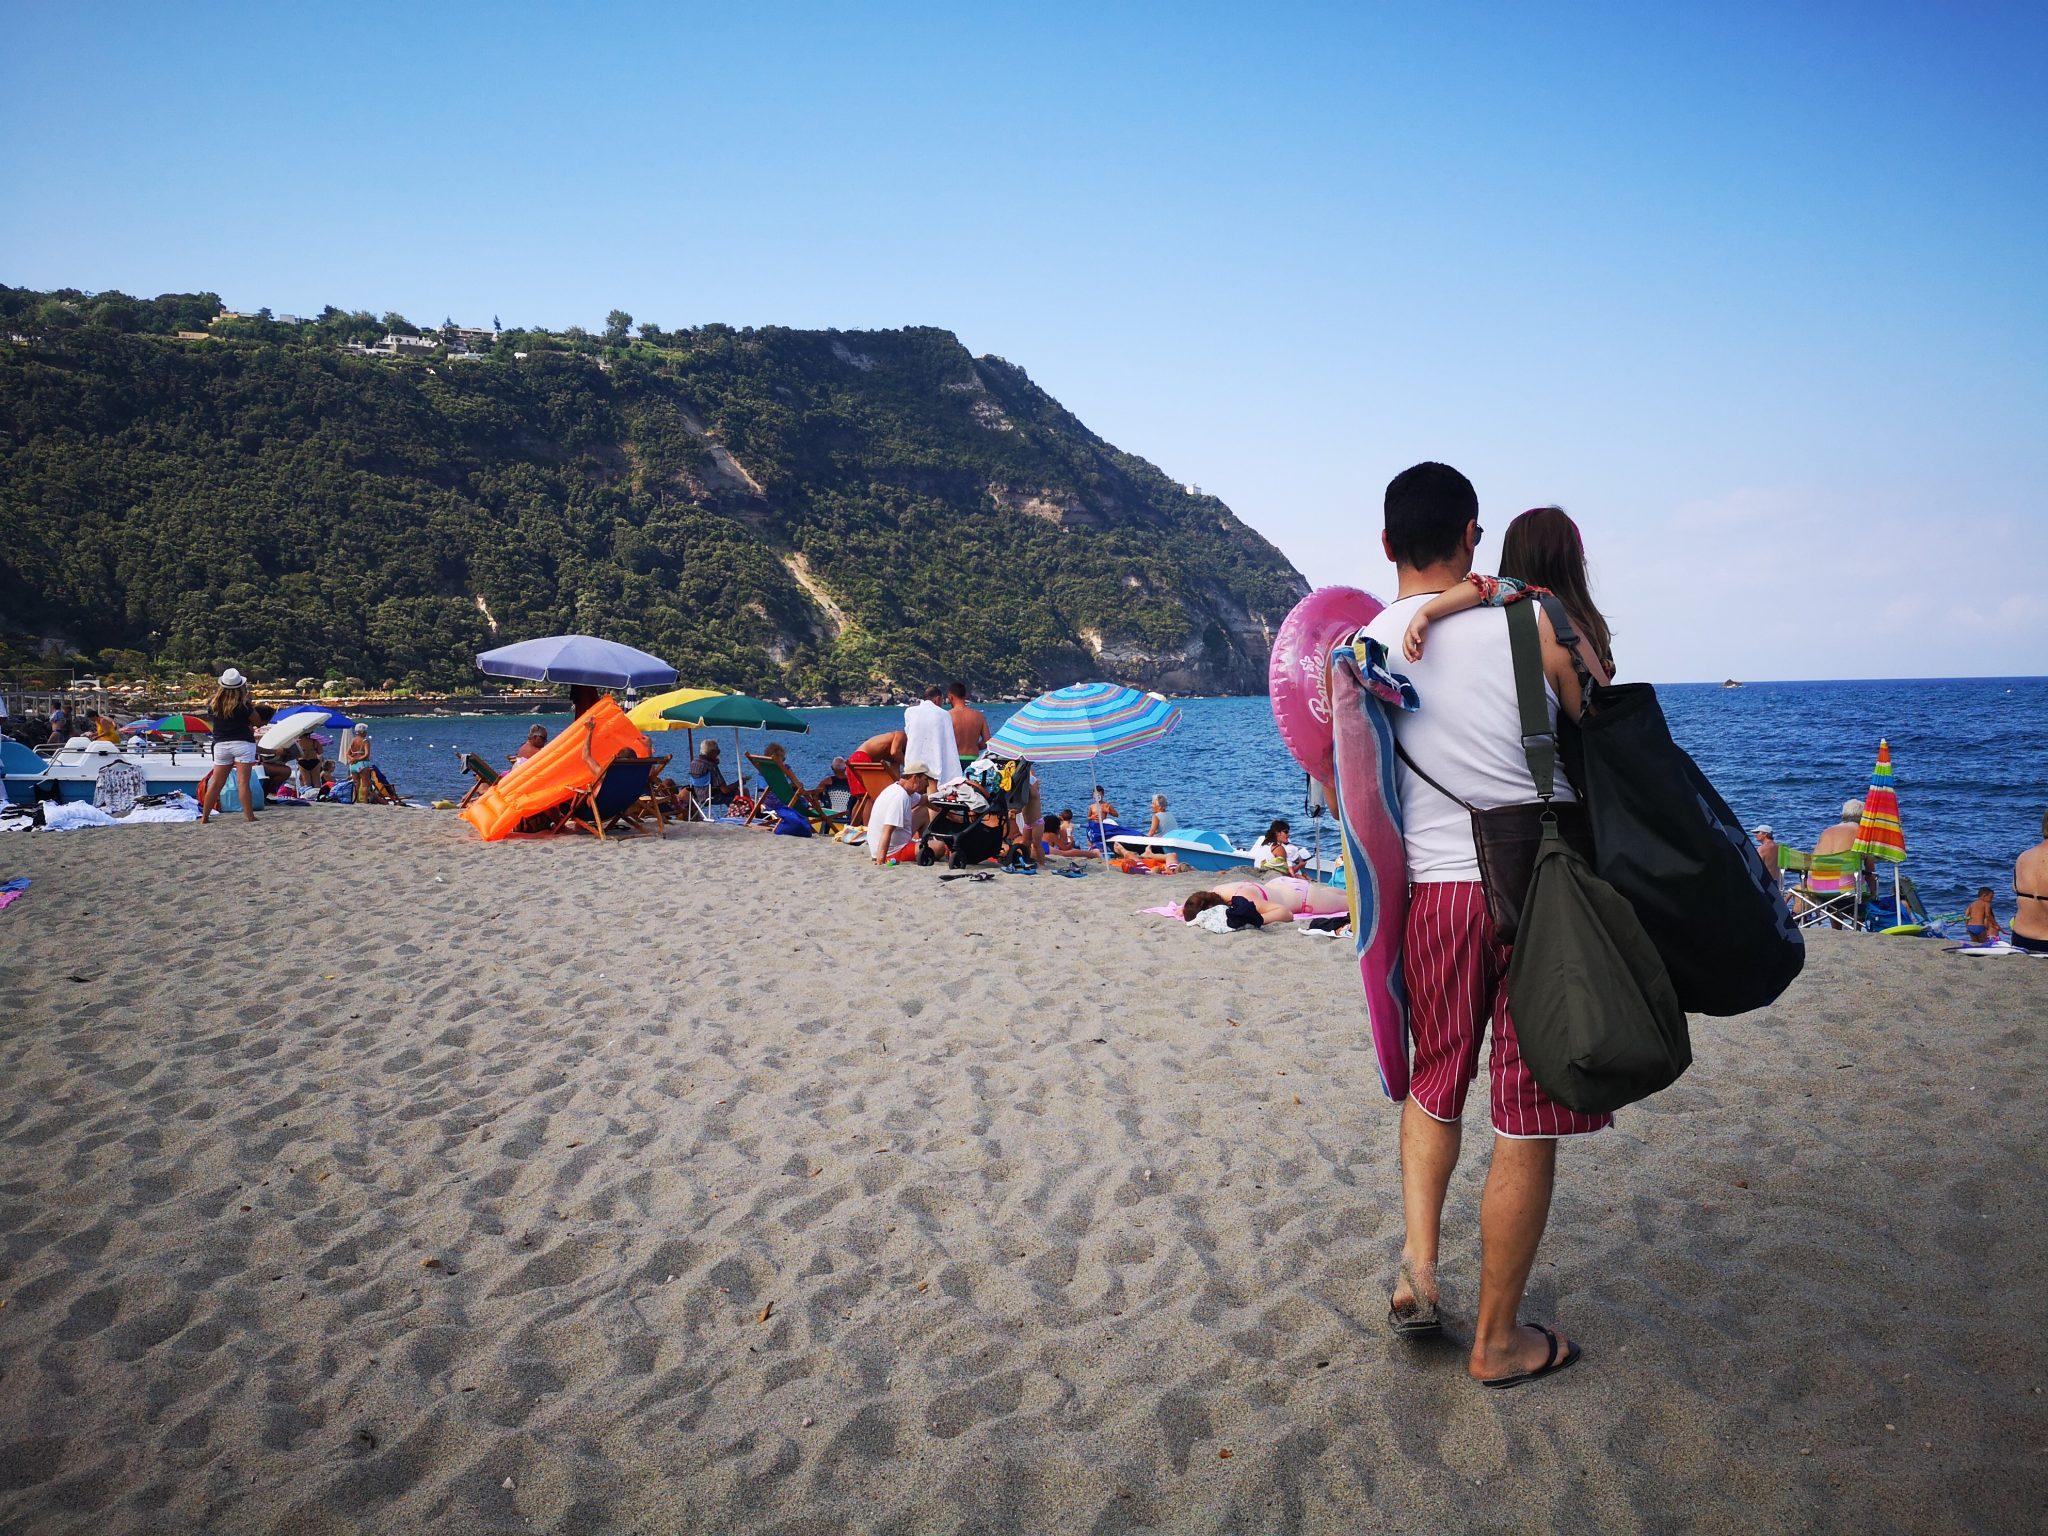 L'estate dei genitori: un papà sulla spiaggia con la figlia in braccio